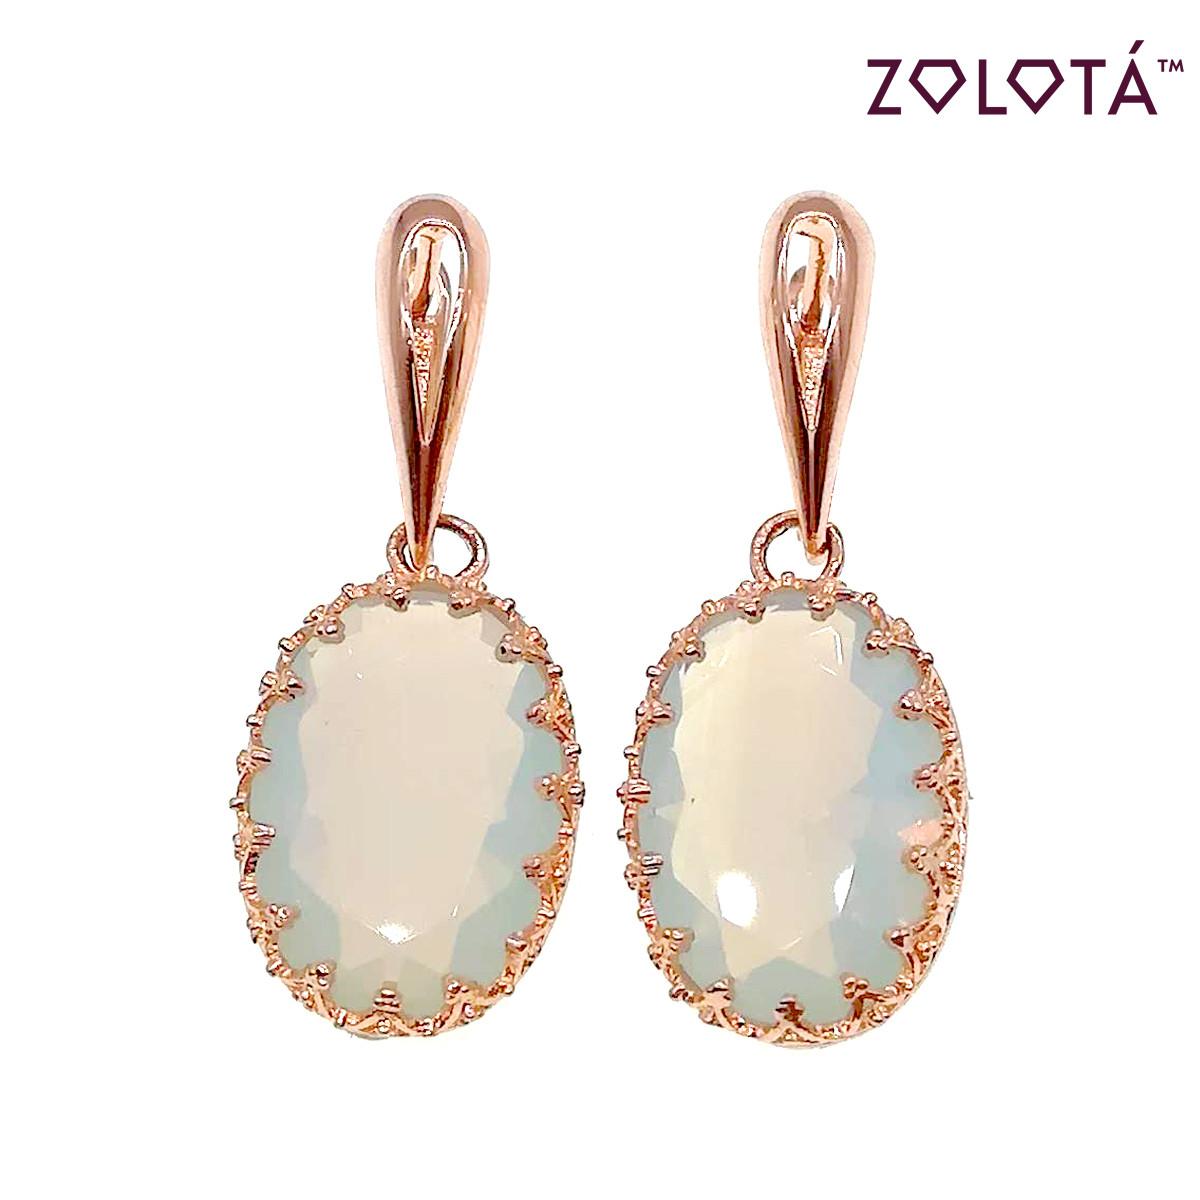 Серьги Zolota с лунными камнями, из медицинского золота, в позолоте, ЗЛ00421 (1)